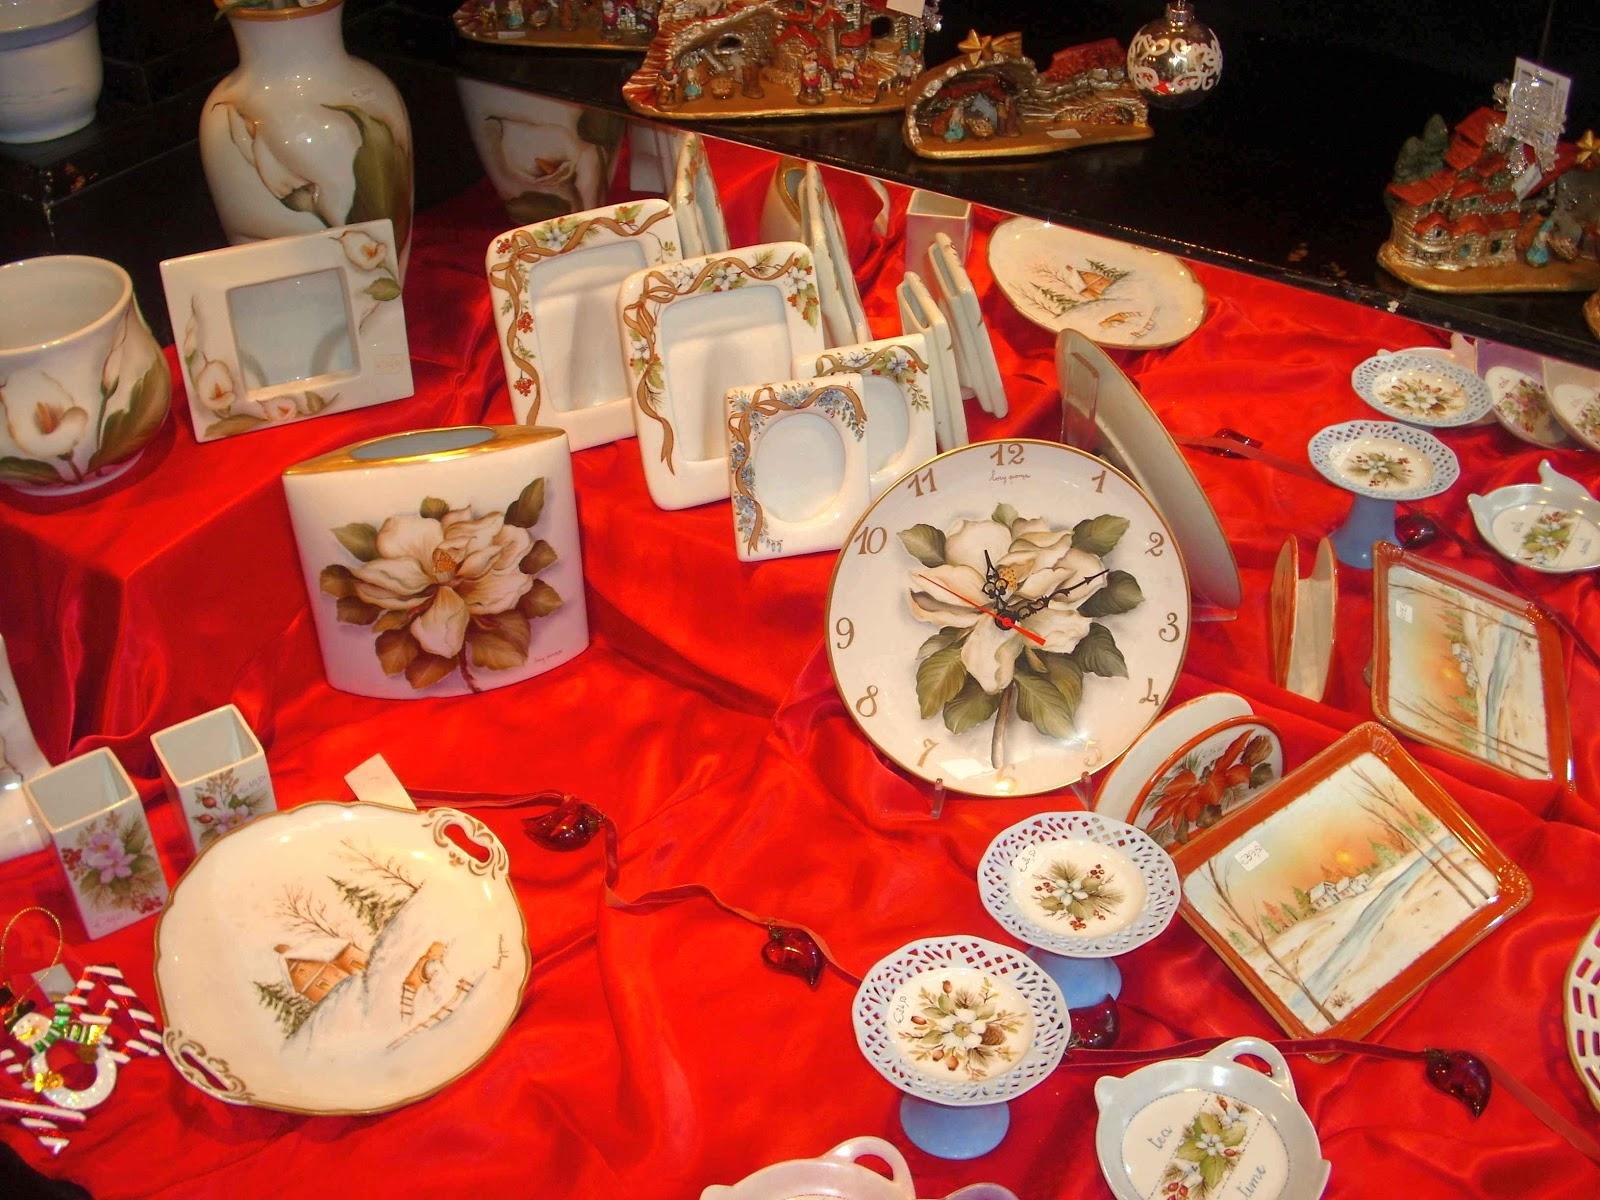 La collezione invernale delle ceramiche di lory arbustum monsleonis